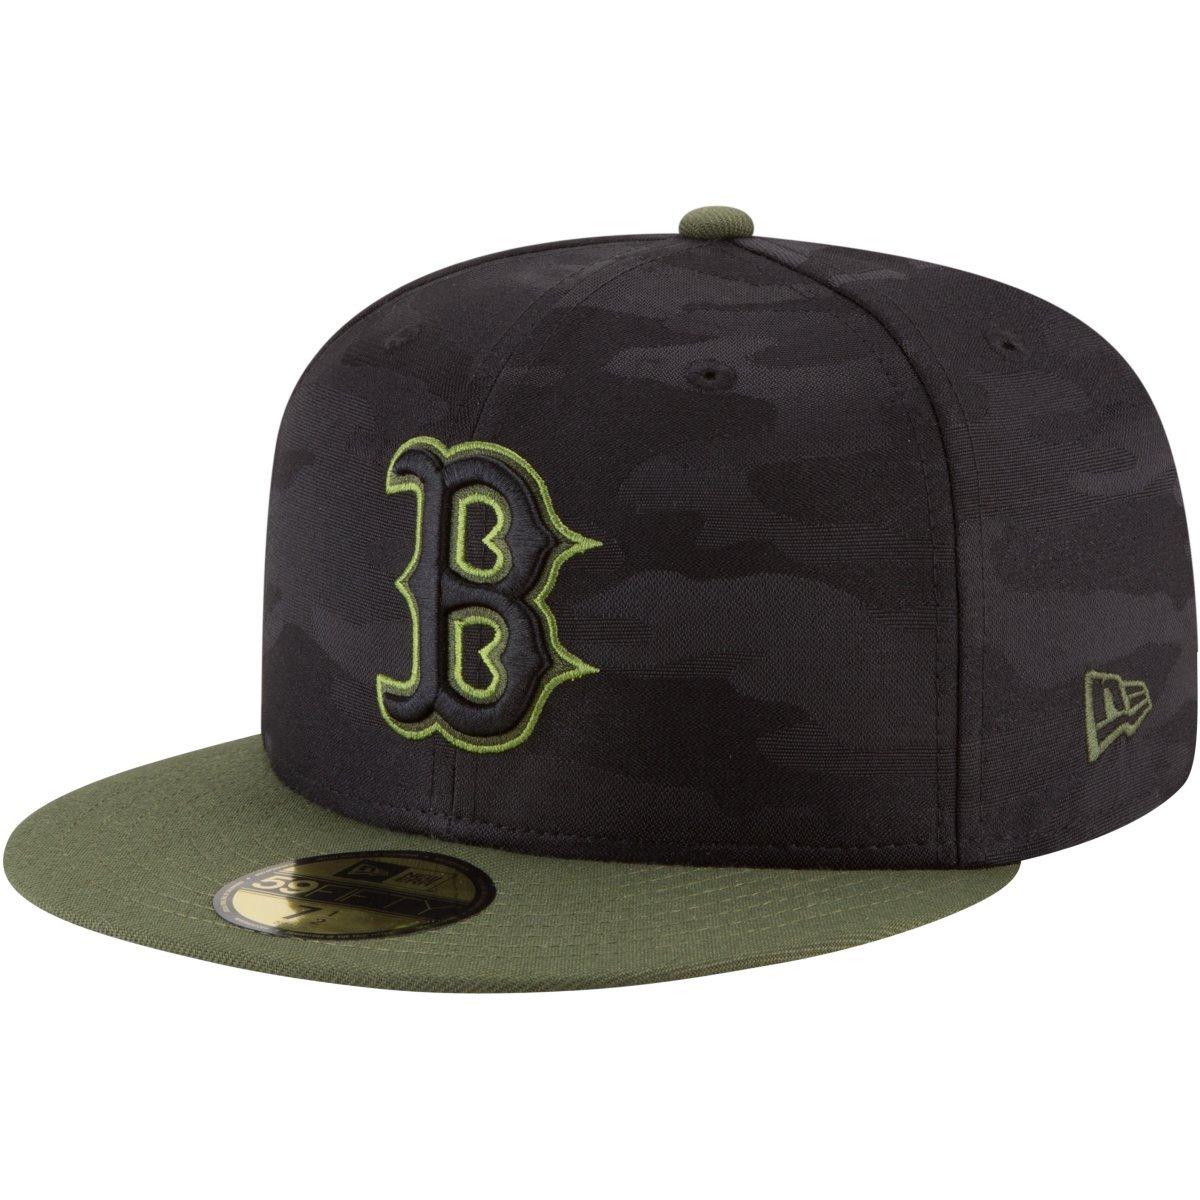 ca3533dc520 Amazon.com  New Era Boston Black